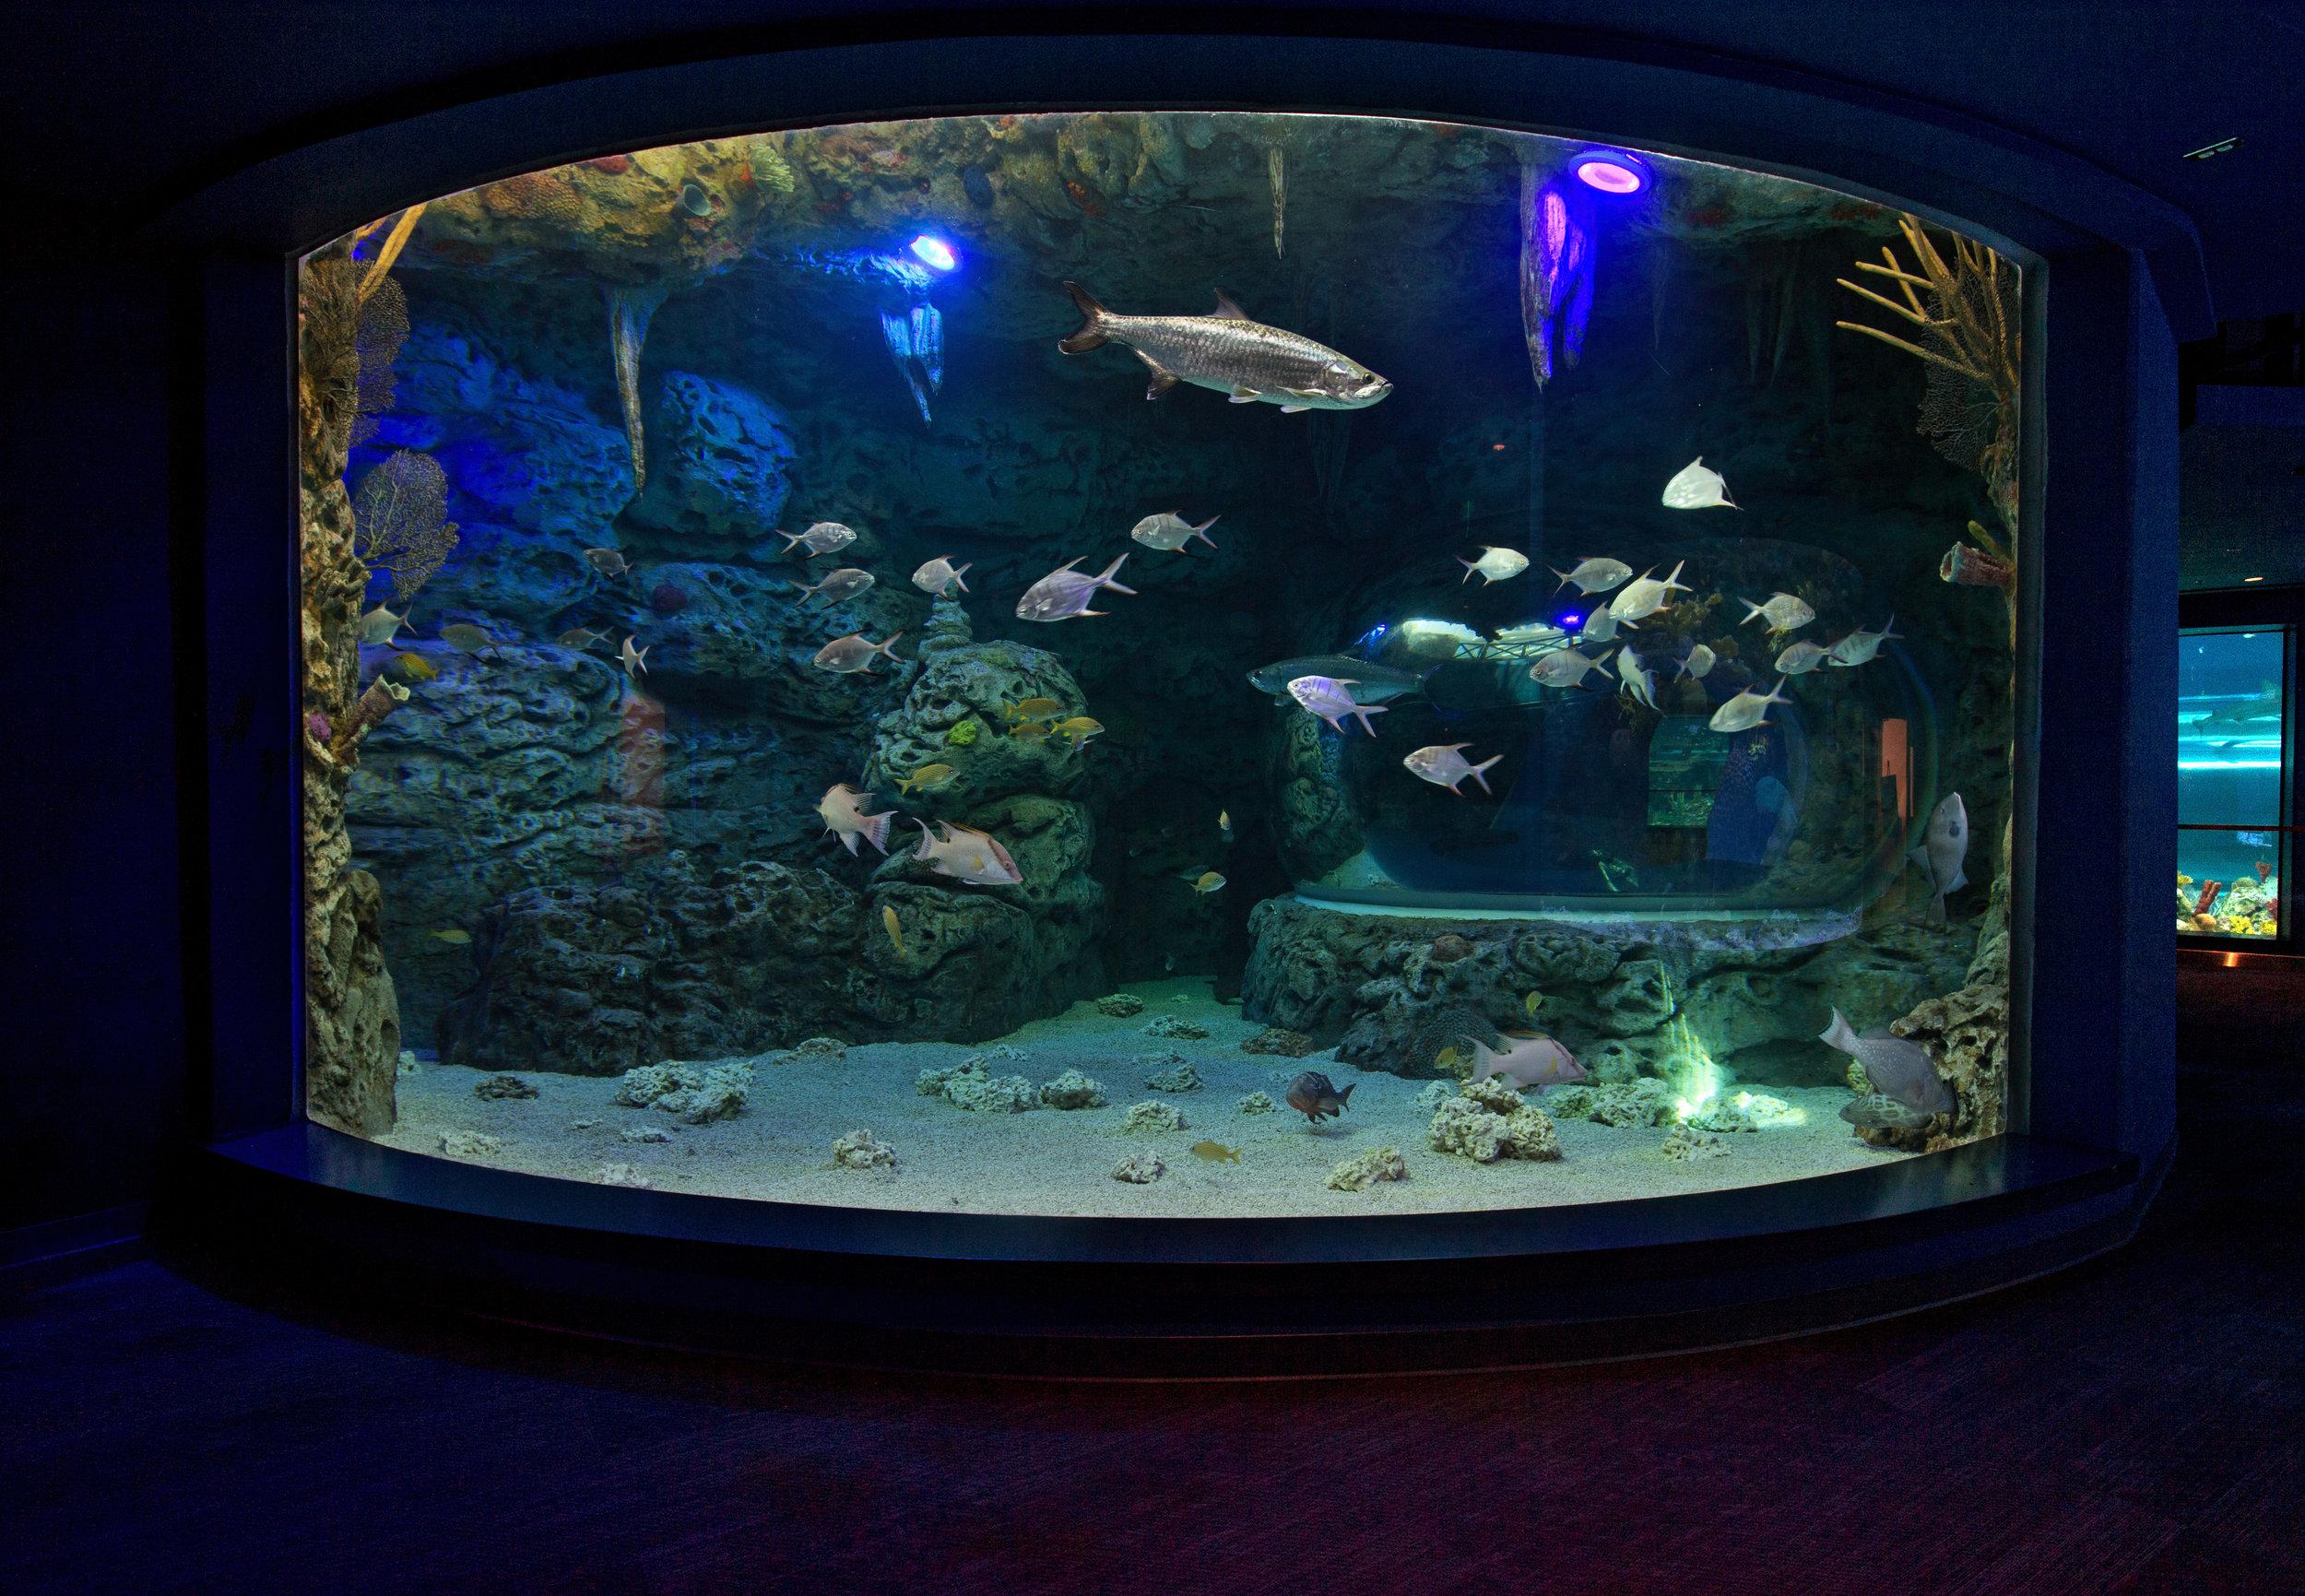 Aquarium_8644.jpg